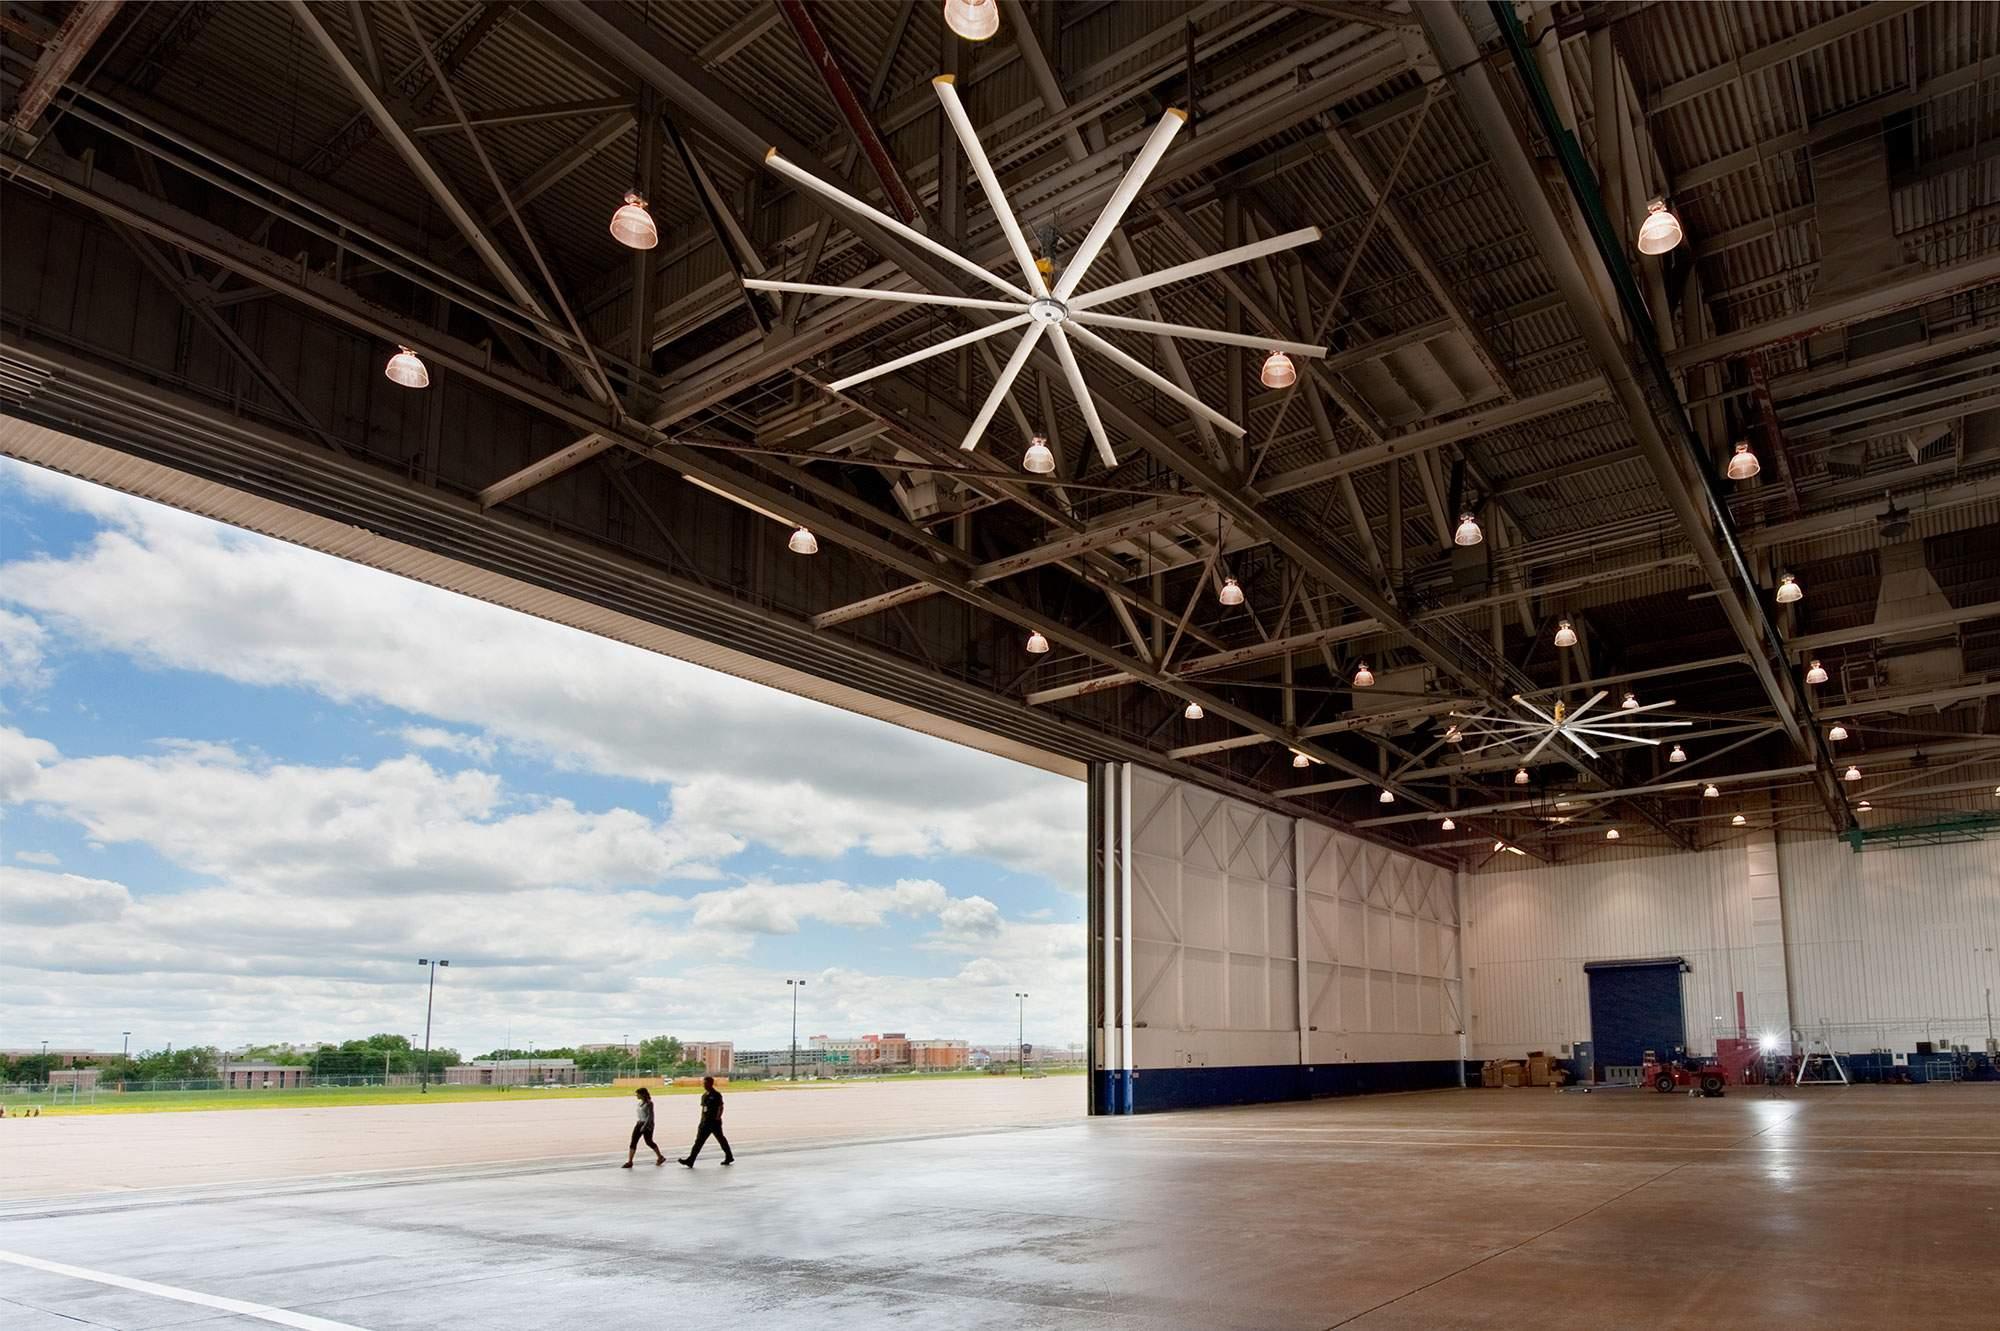 Airport Hangar Industrial Ceiling Fans From Big Ass Fans